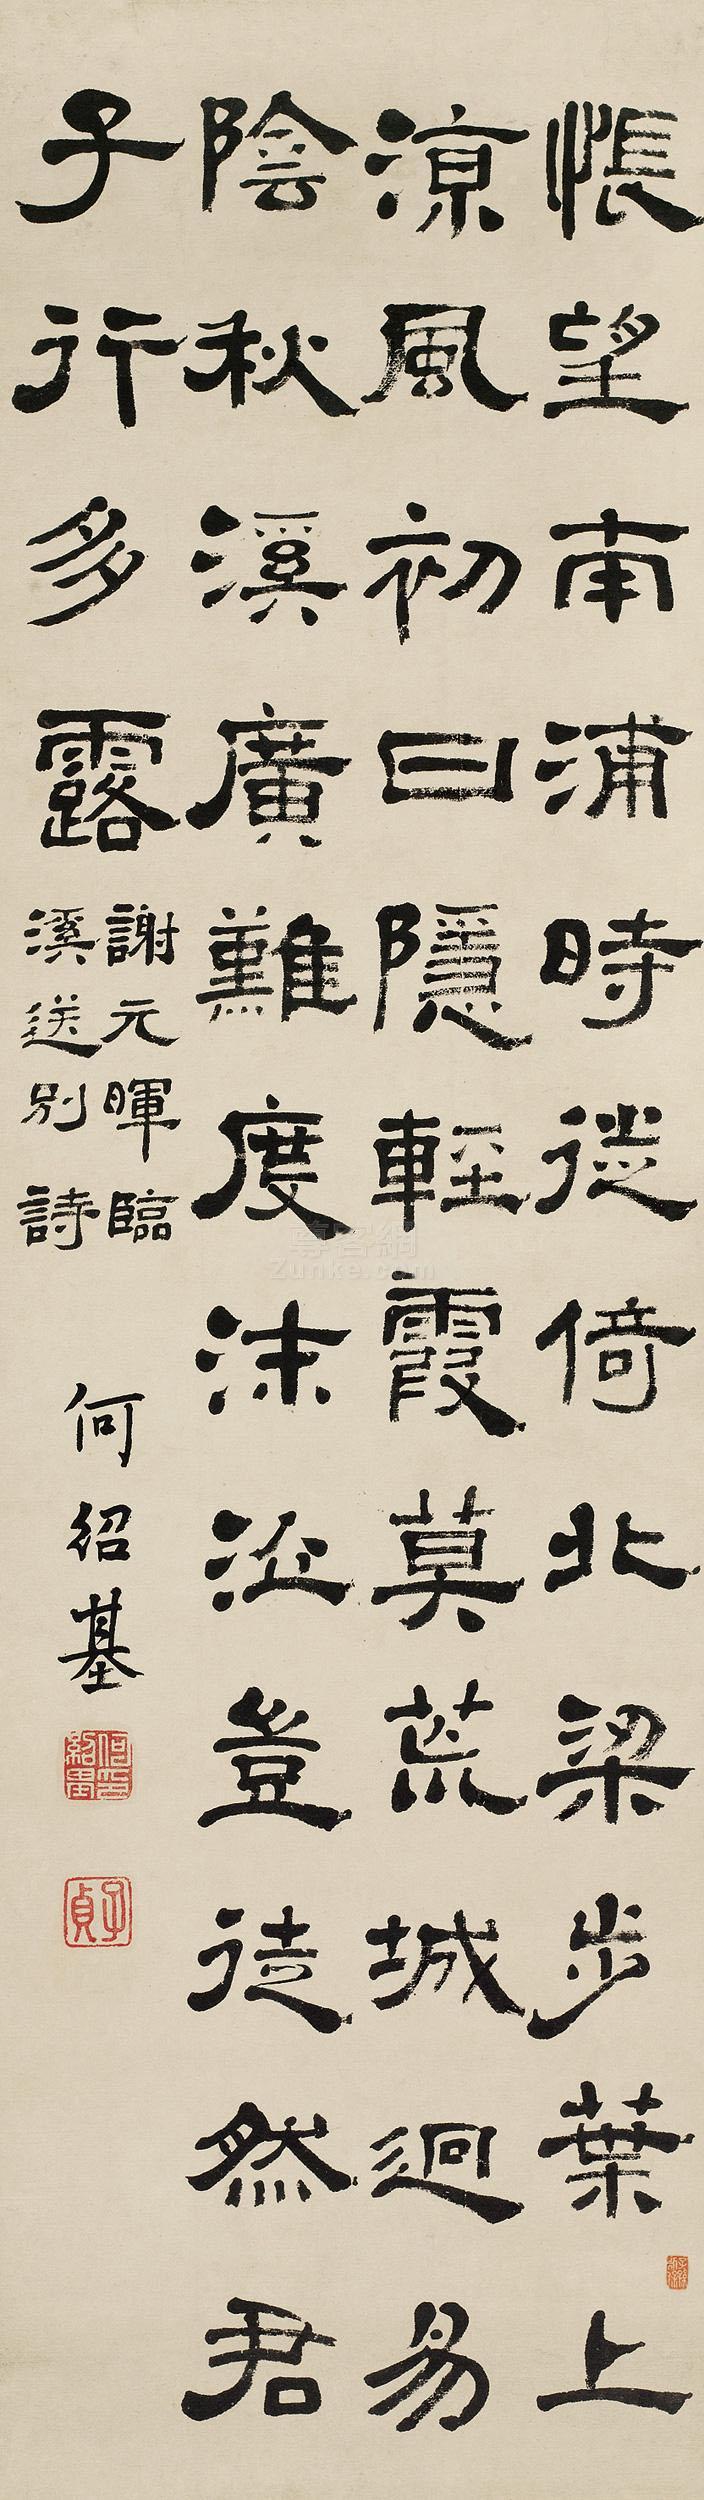 何绍基 隶书五言诗 立轴 纸本作品欣赏